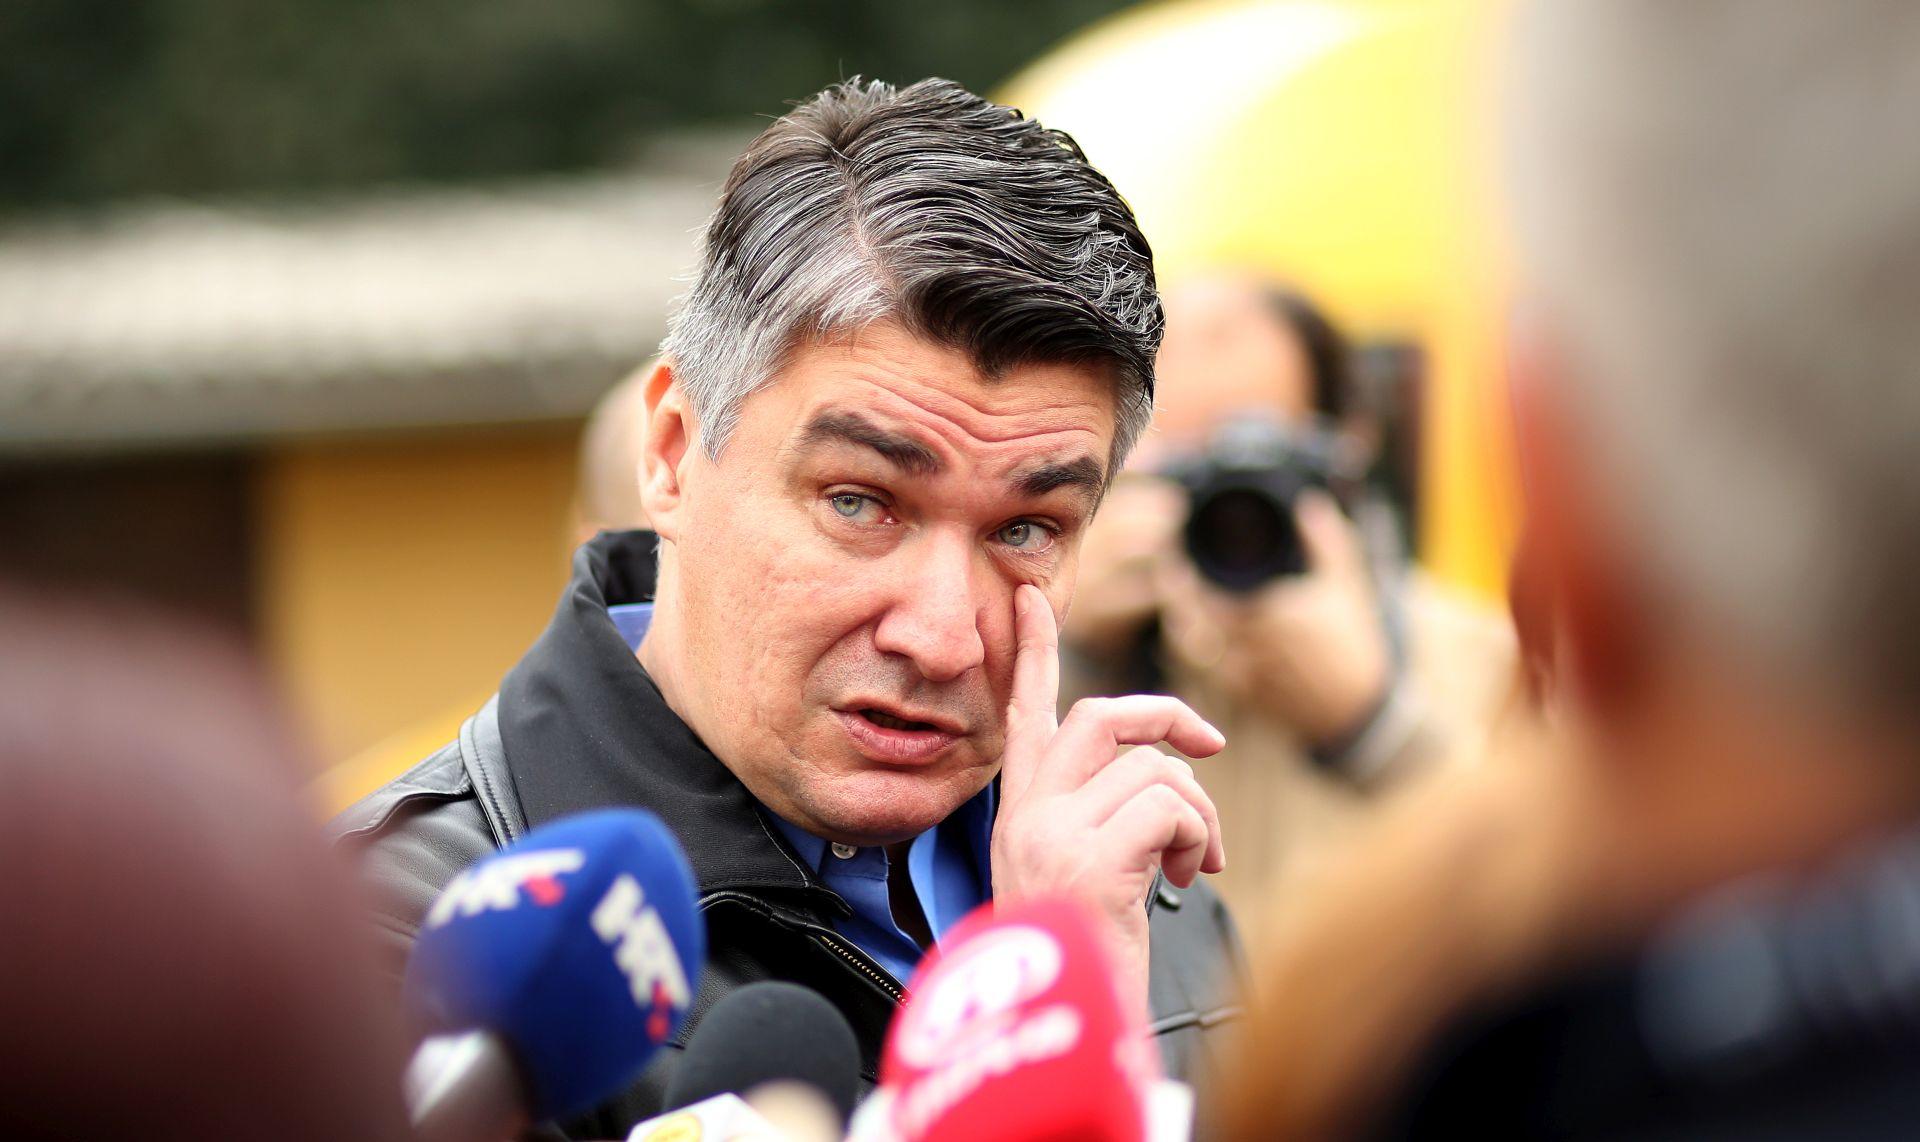 """Milanović: """"Predsjednica radi ono što misli da je dobro za Hrvatsku, ali ja ju ne razumijem"""""""